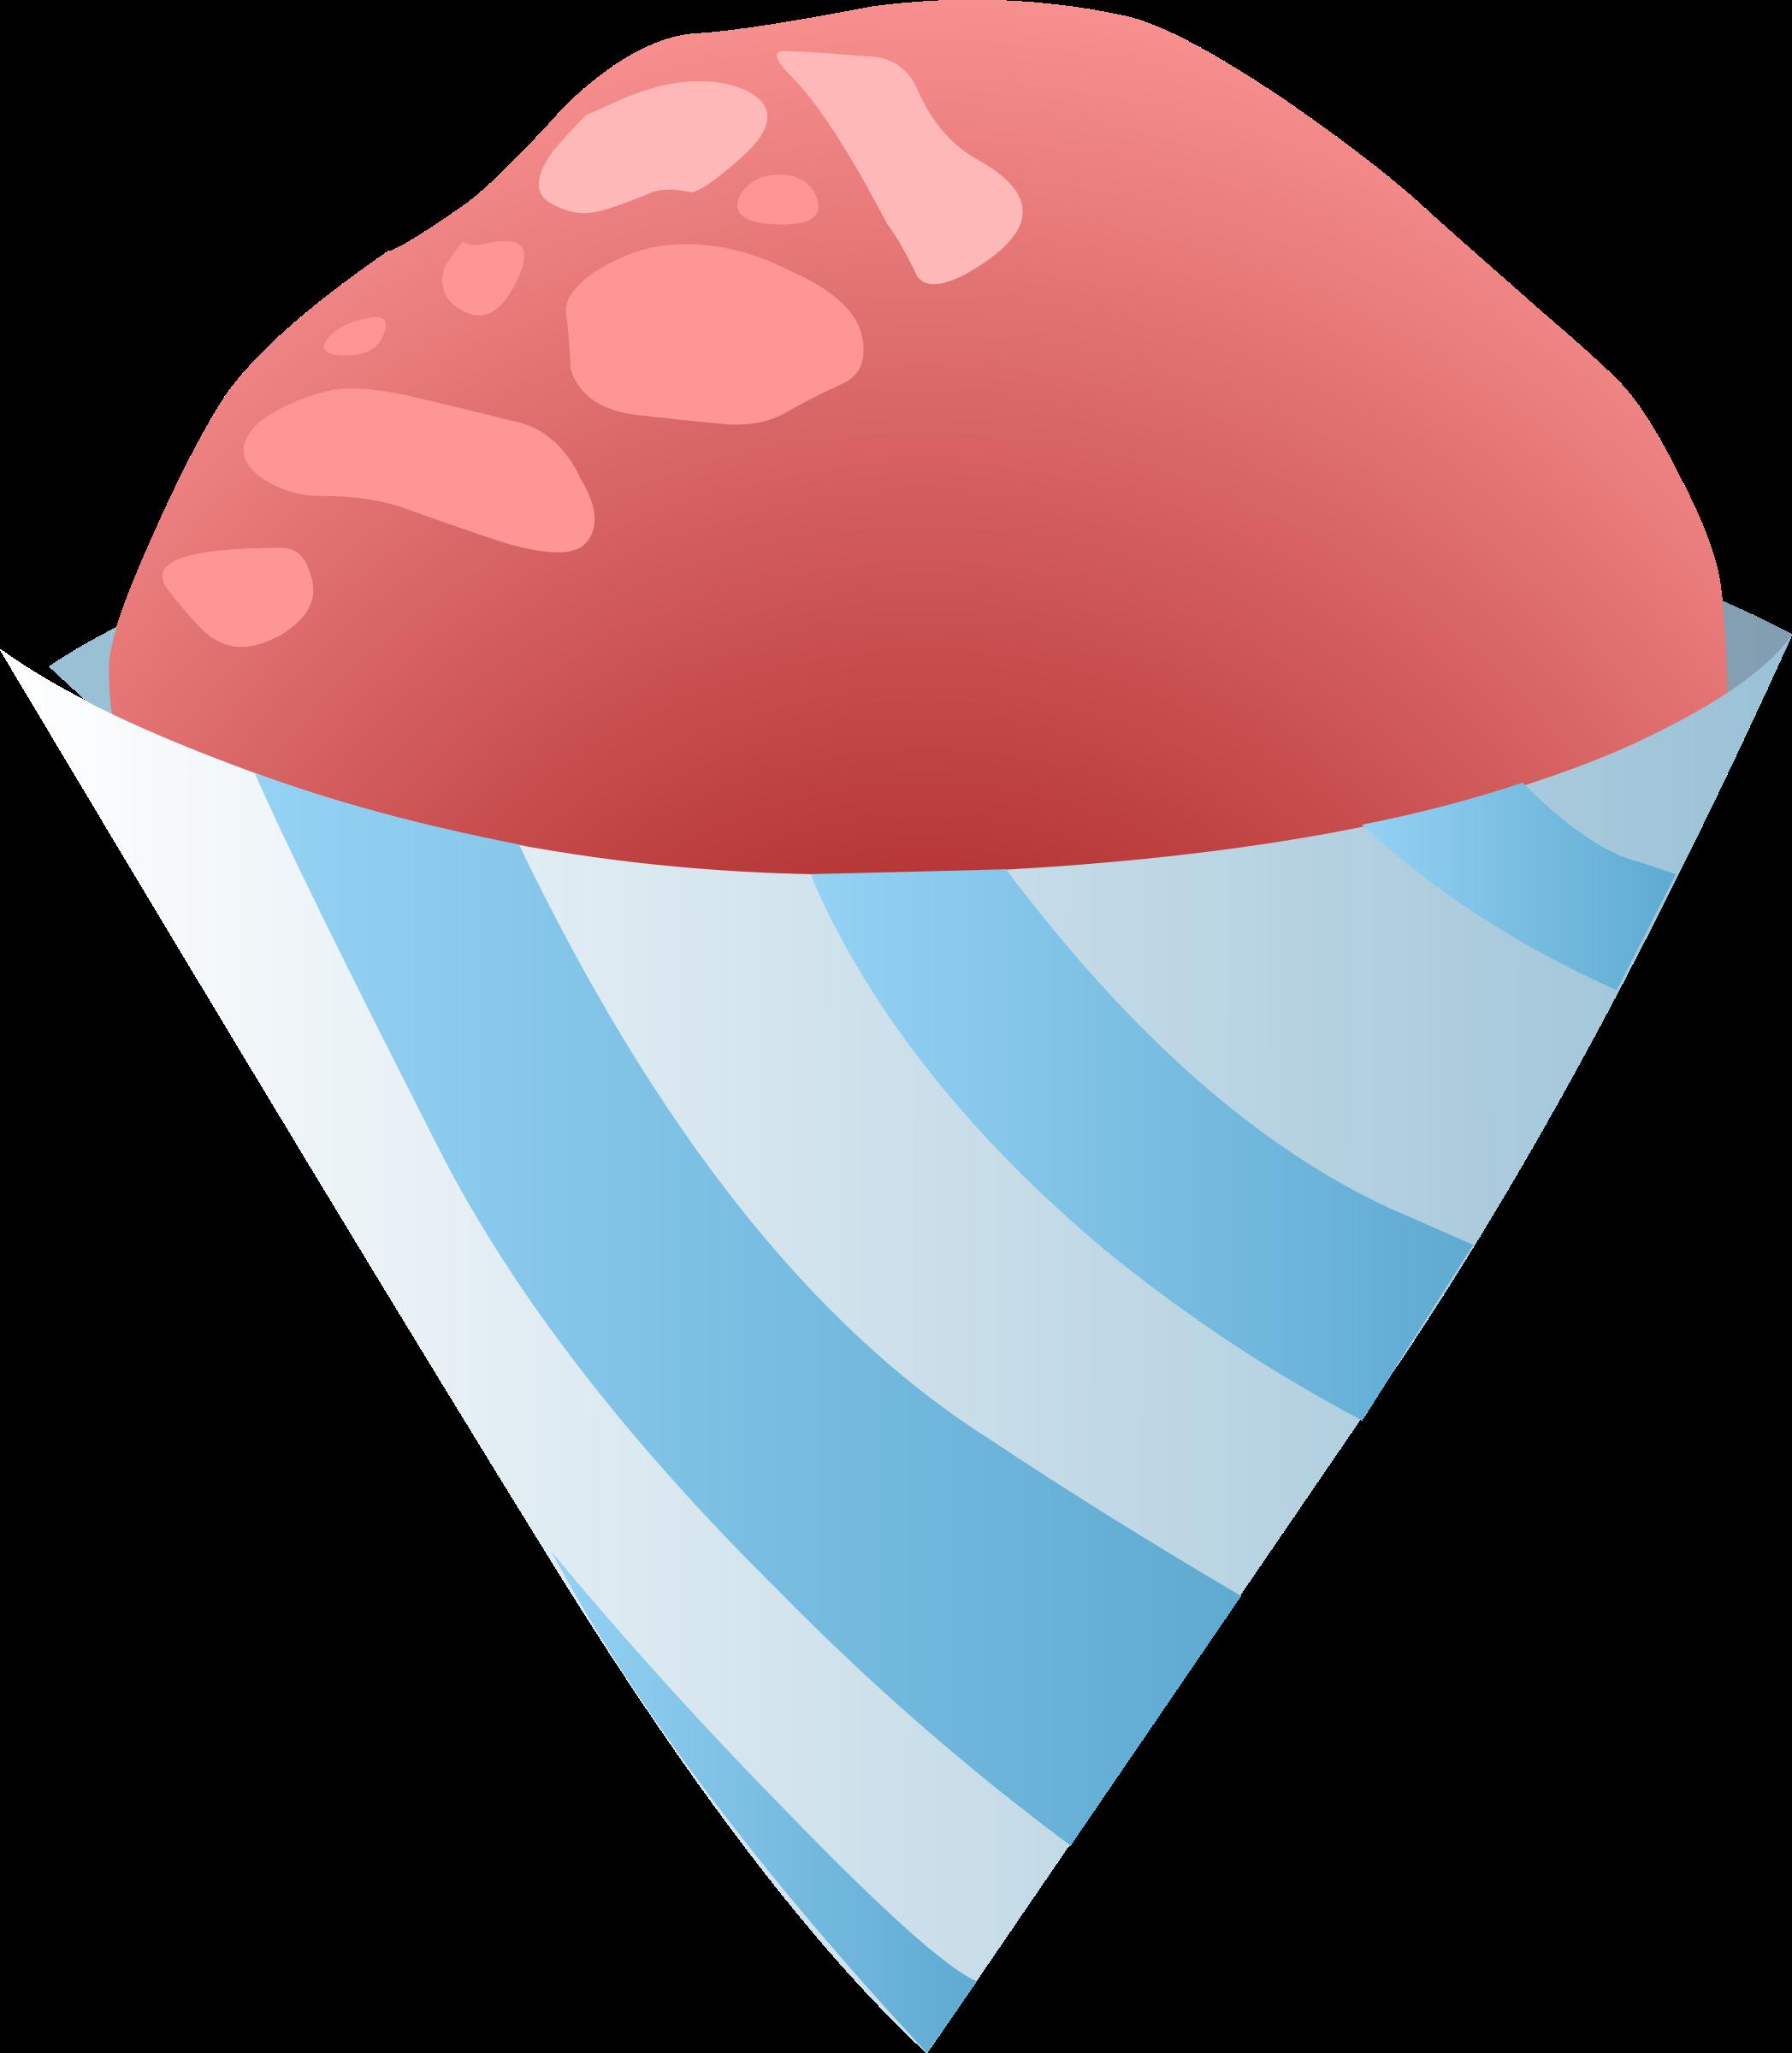 Free Snow Cone Cliparts, Download Free Clip Art, Free Clip.